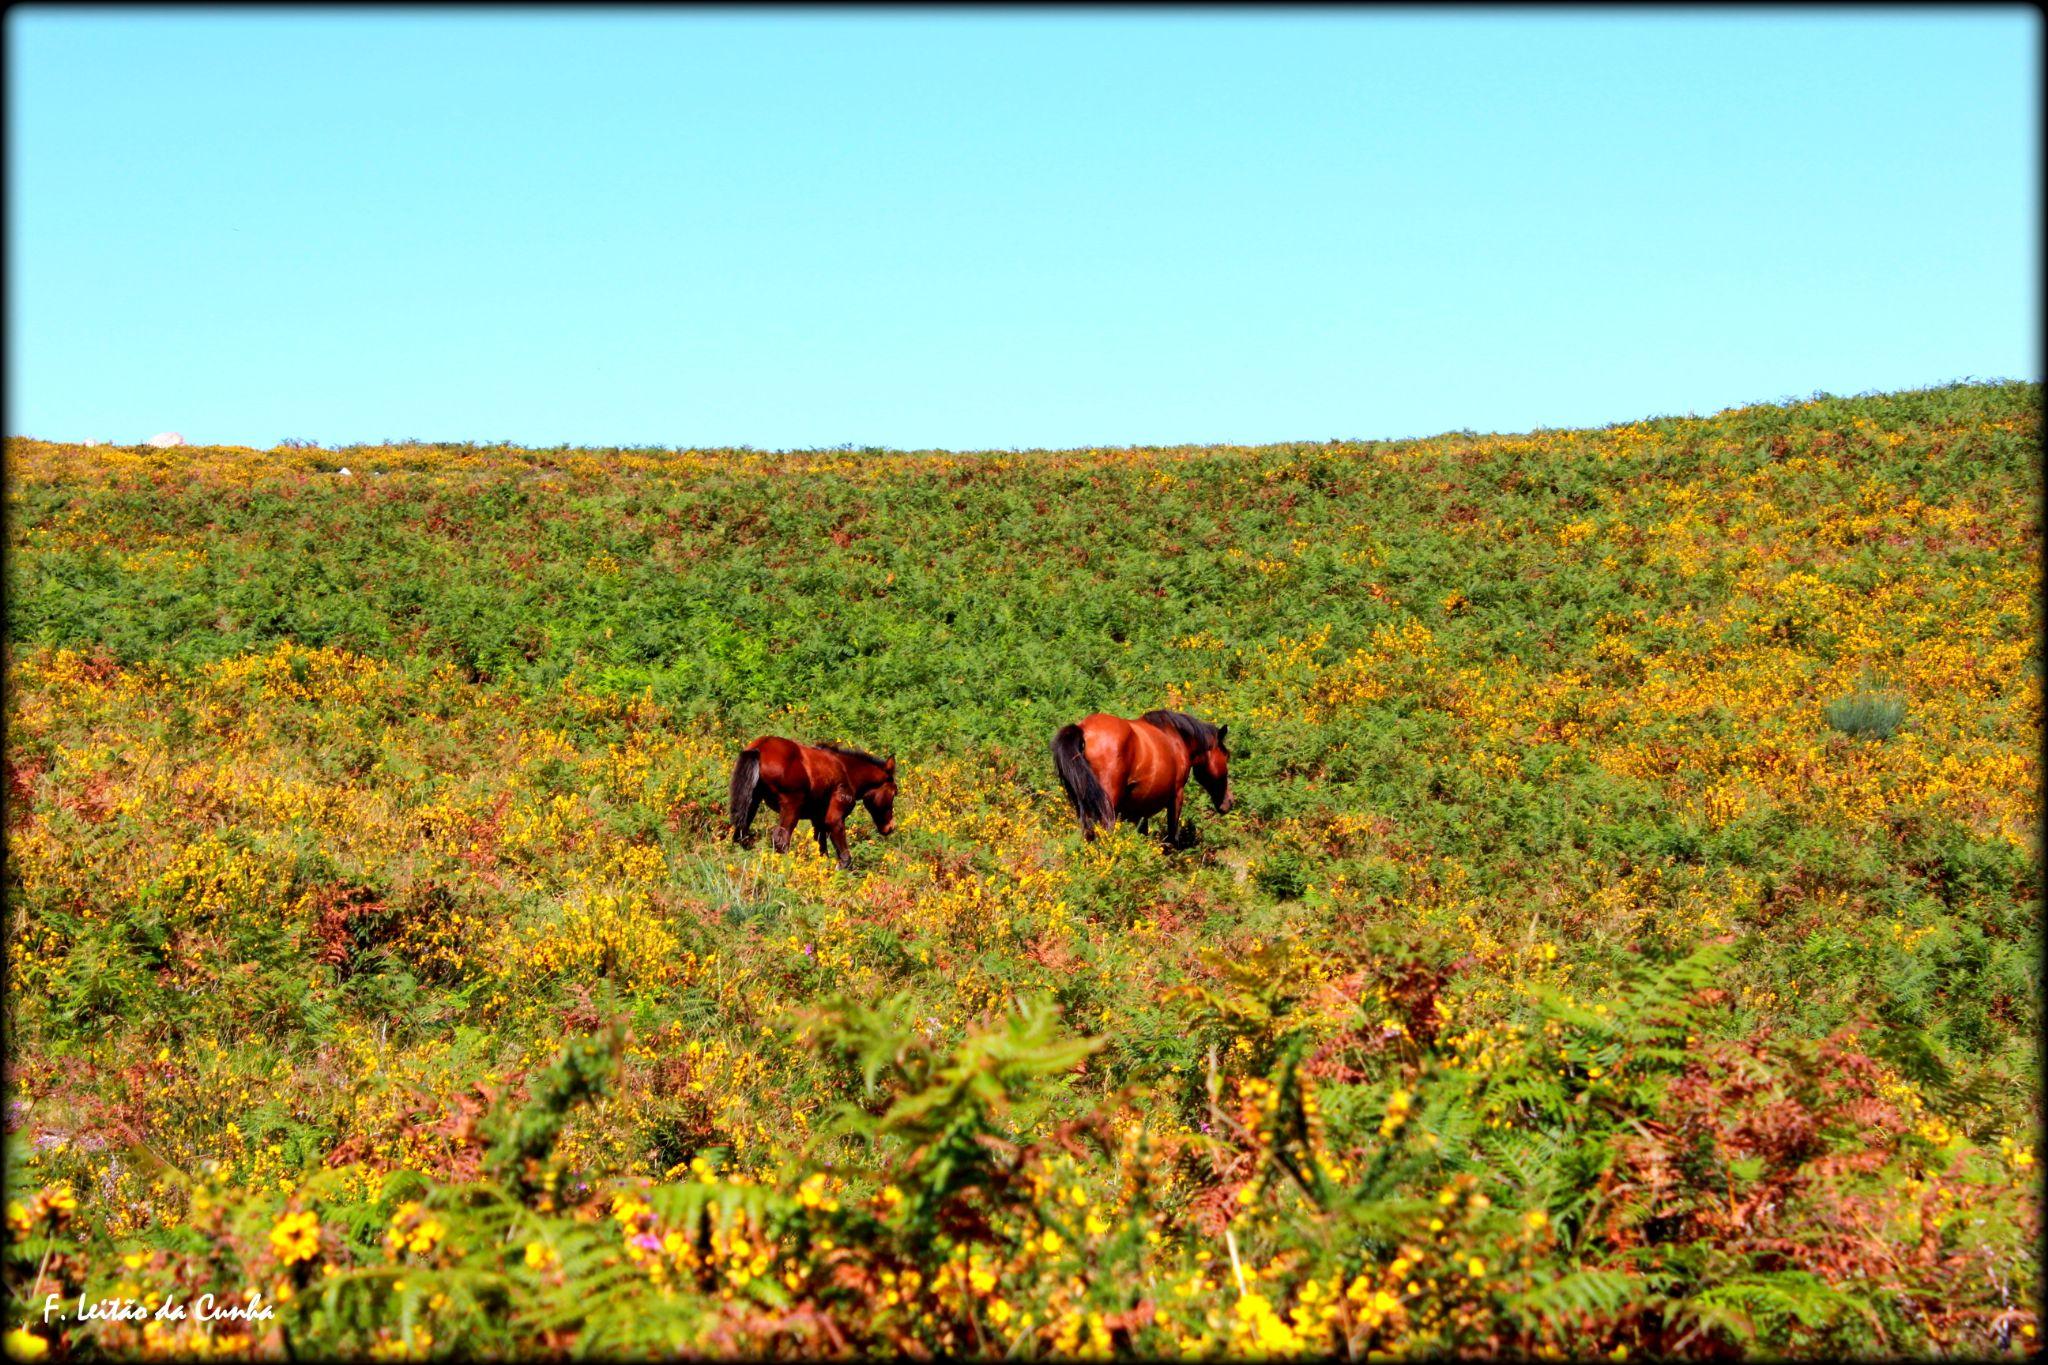 Wild Horses by Fernando Leitão da Cunha